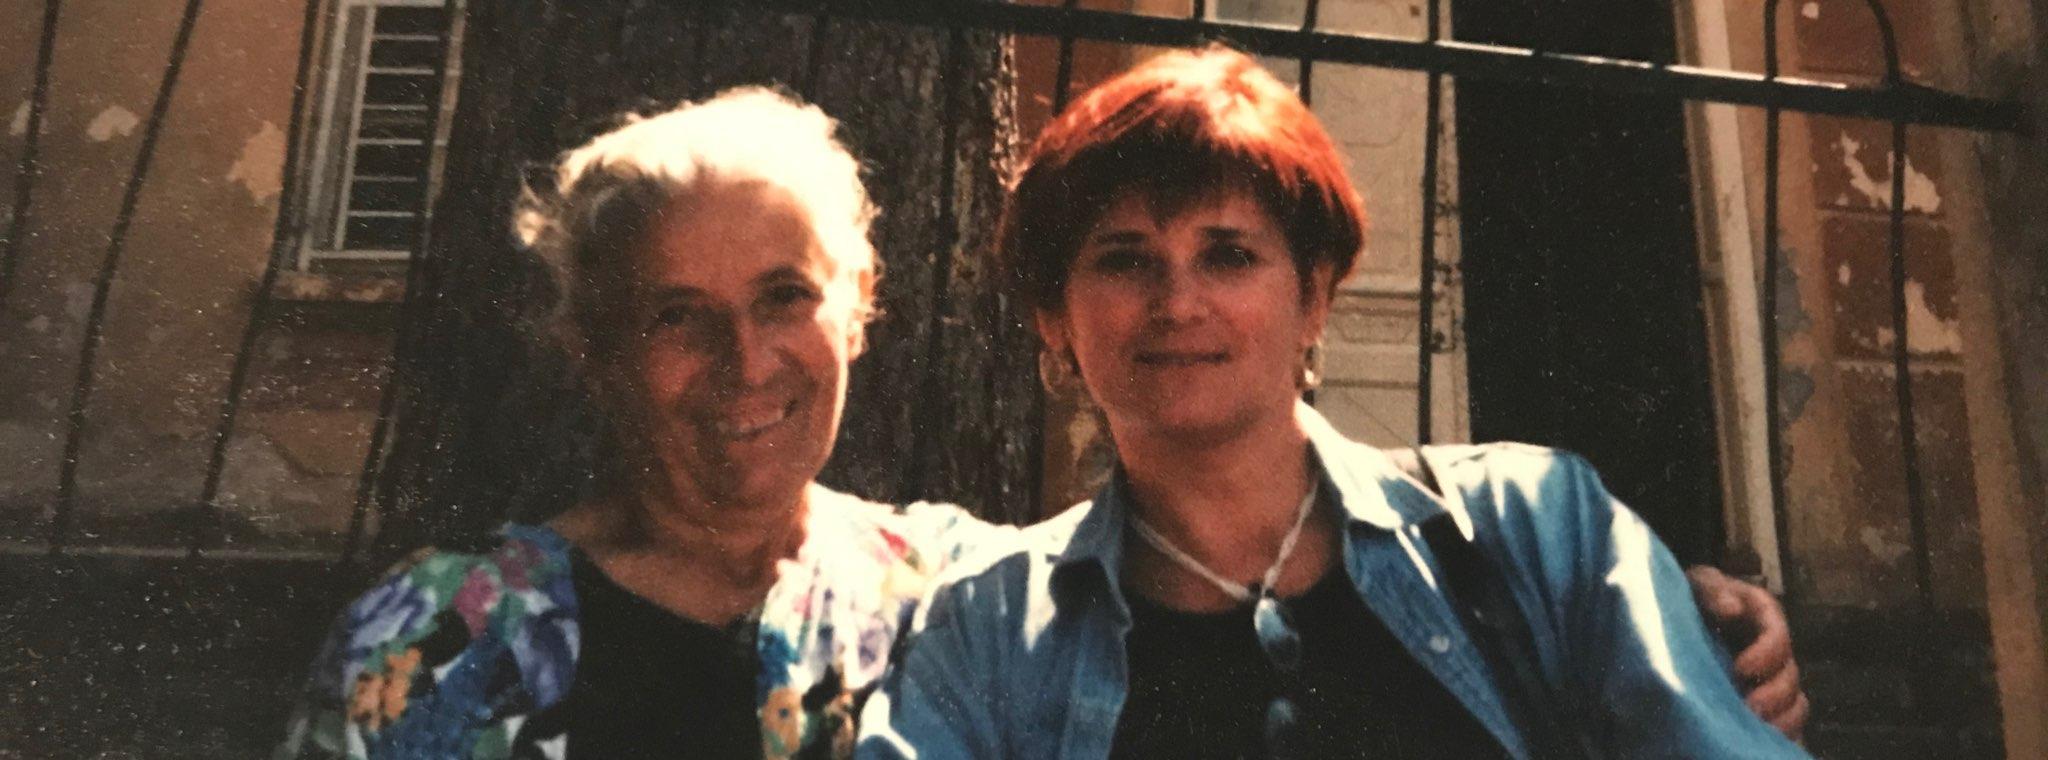 Irina Sedakova välitöödel Bulgaari külas Stakevtsi, Vidini regioonis (2001). Erakogu.